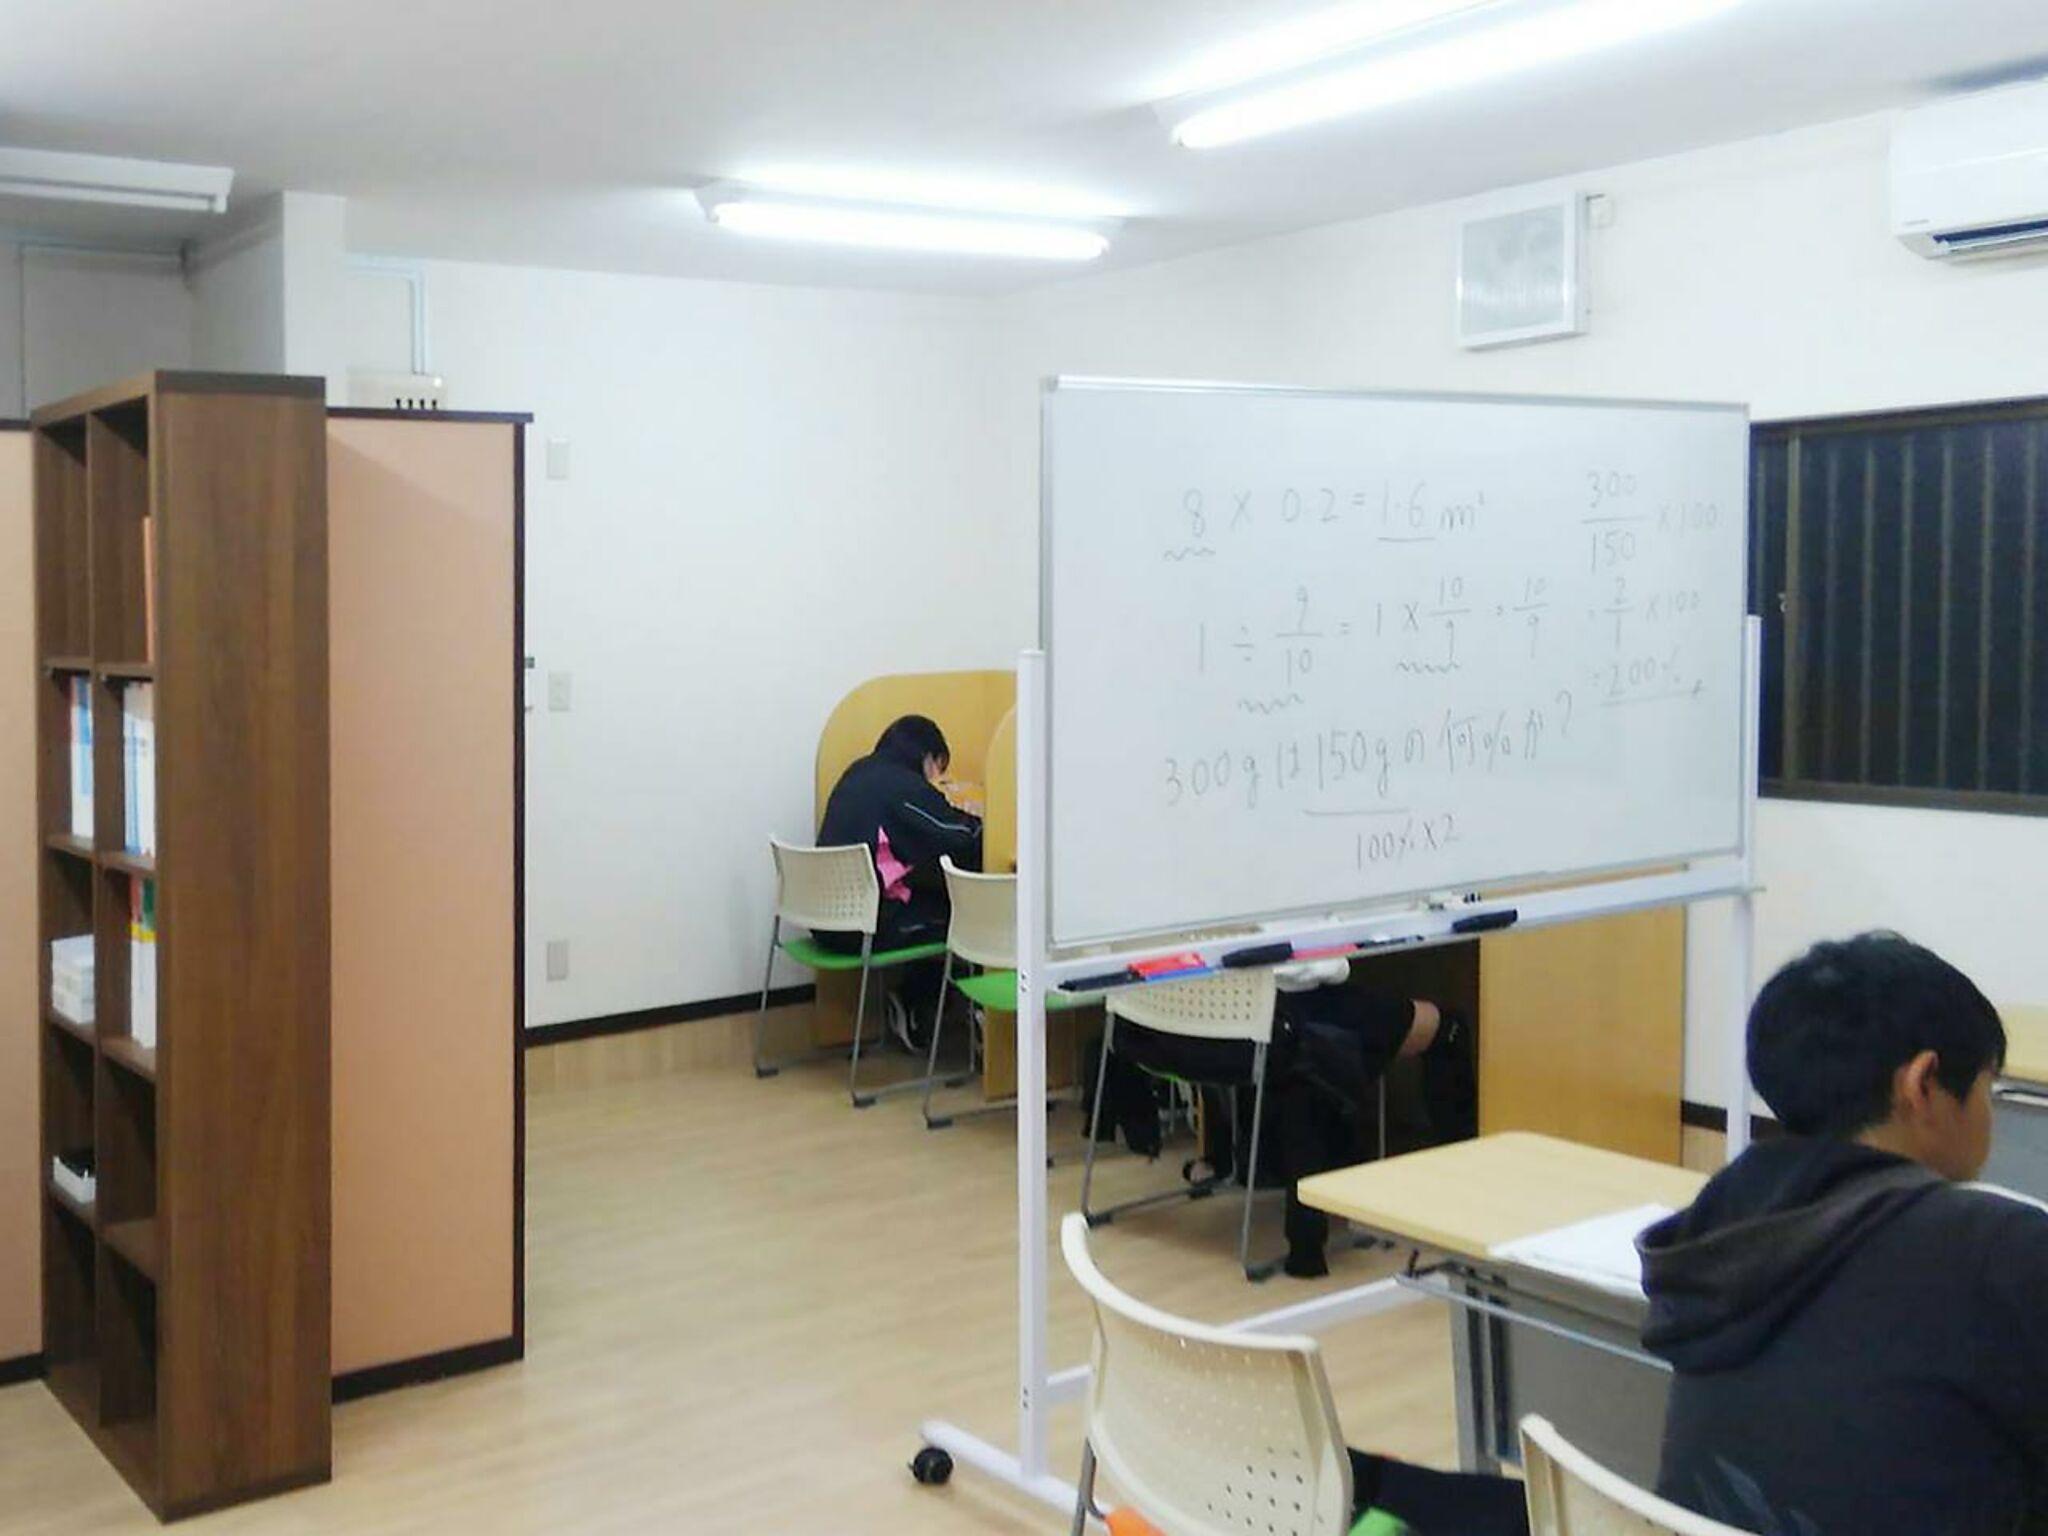 教室内部の風景